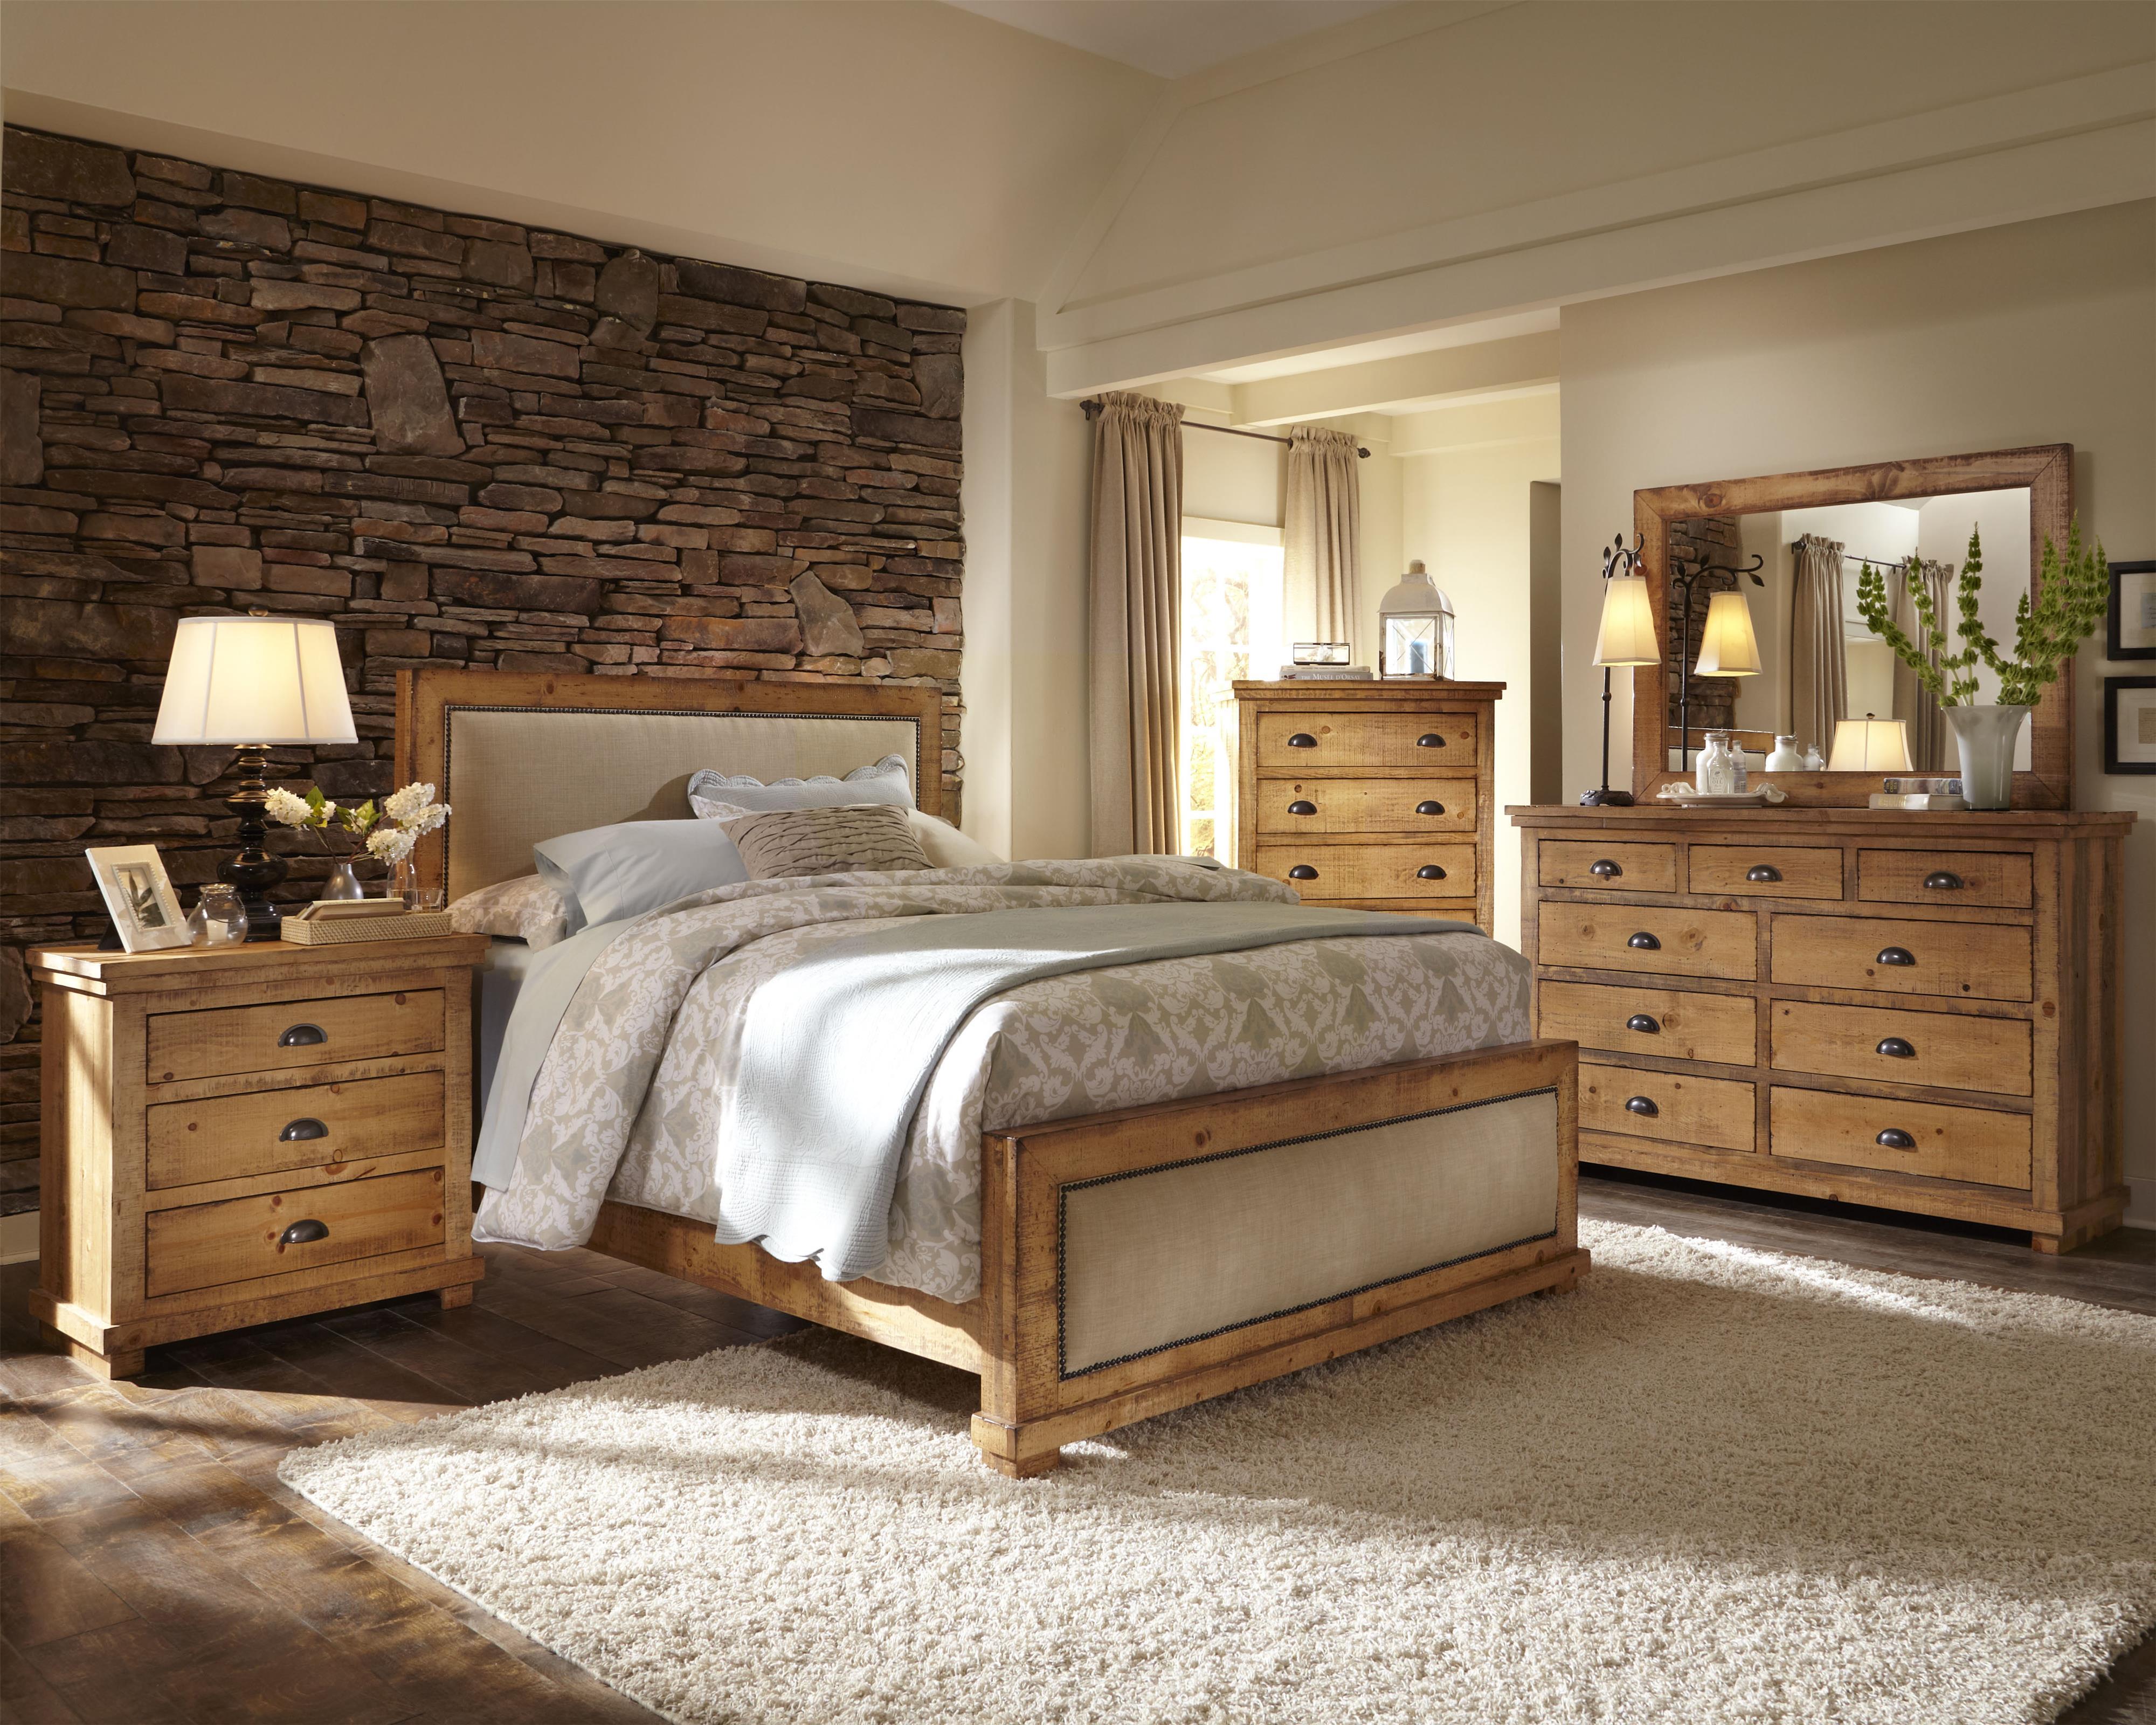 progressive furniture willow queen bedroom group | hudson's